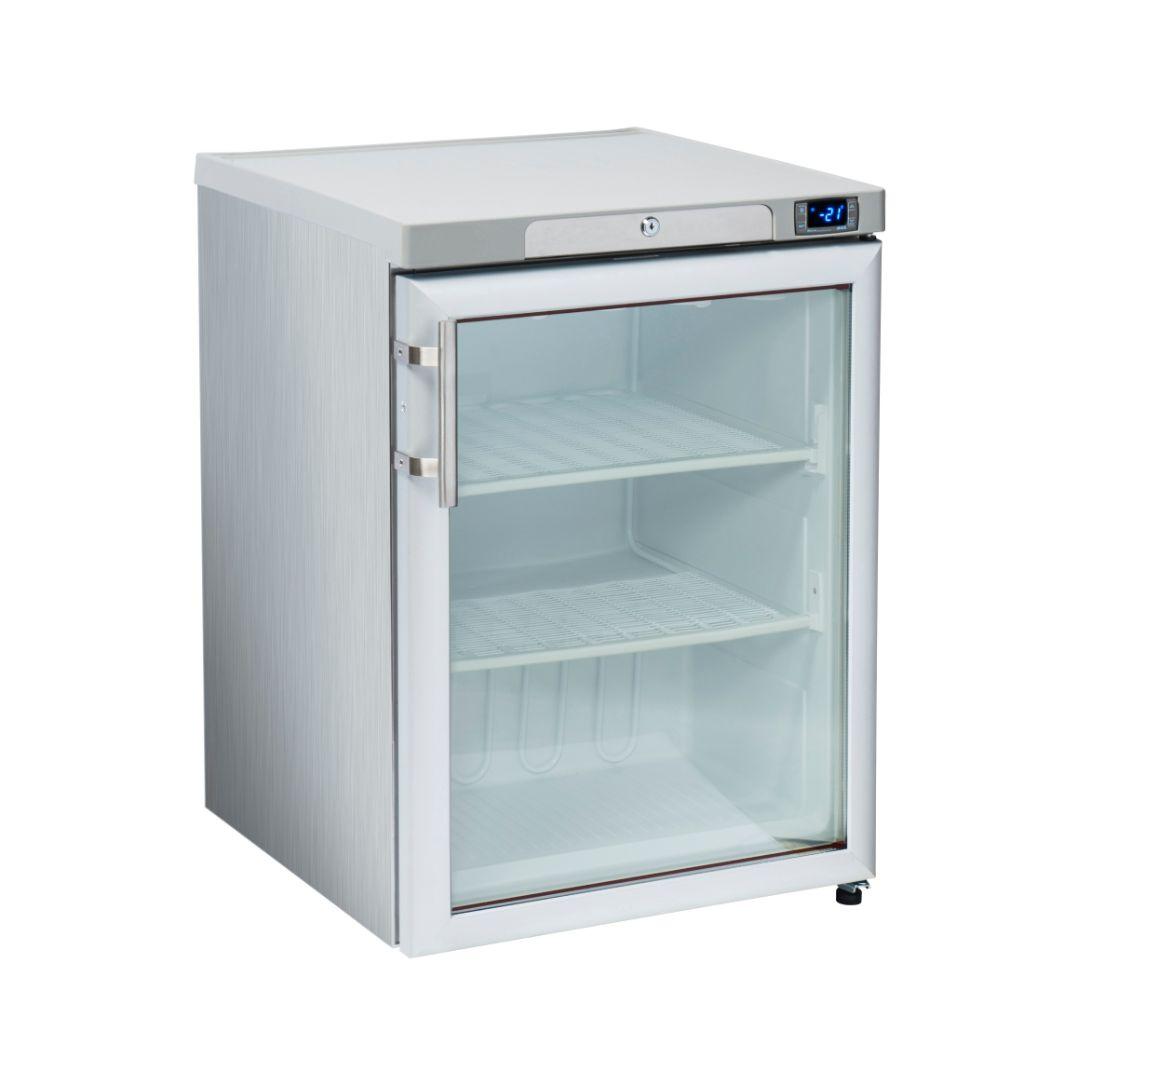 Anvil Aire FBFG1201 Single Glass Door Underbench Freezer